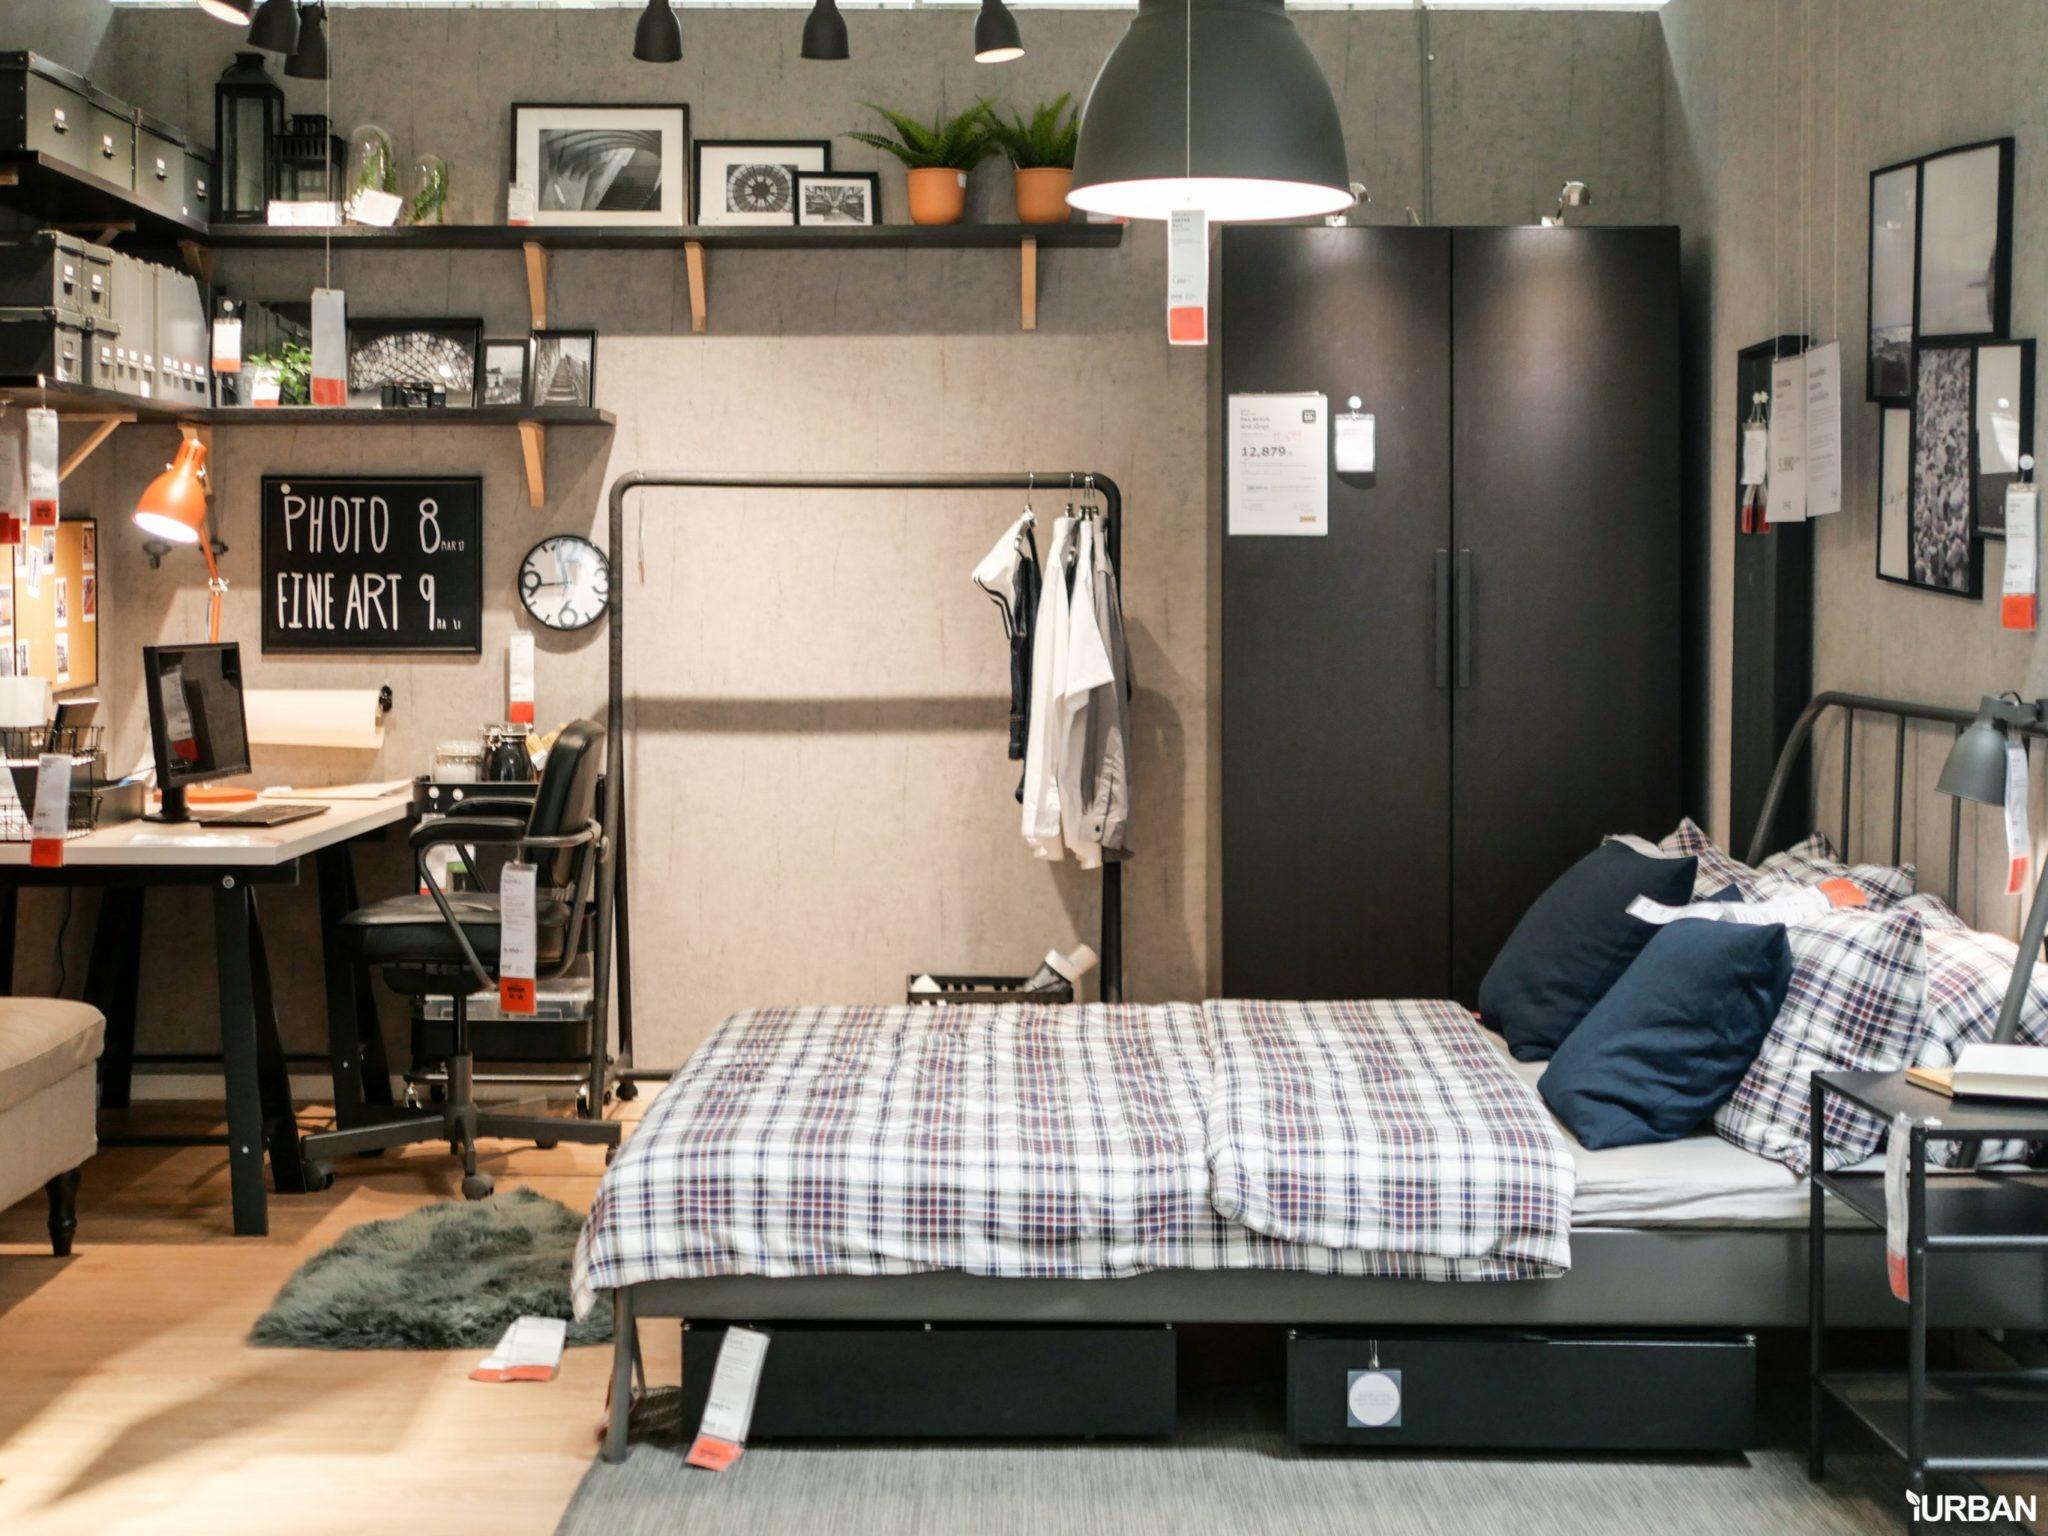 """9 วิธีจัดห้องเก่าให้เหมือนใหม่ ลอกวิธีจัดห้องในพื้นที่เล็ก """"Small Space"""" แบบ IKEA 115 - Bedroom"""